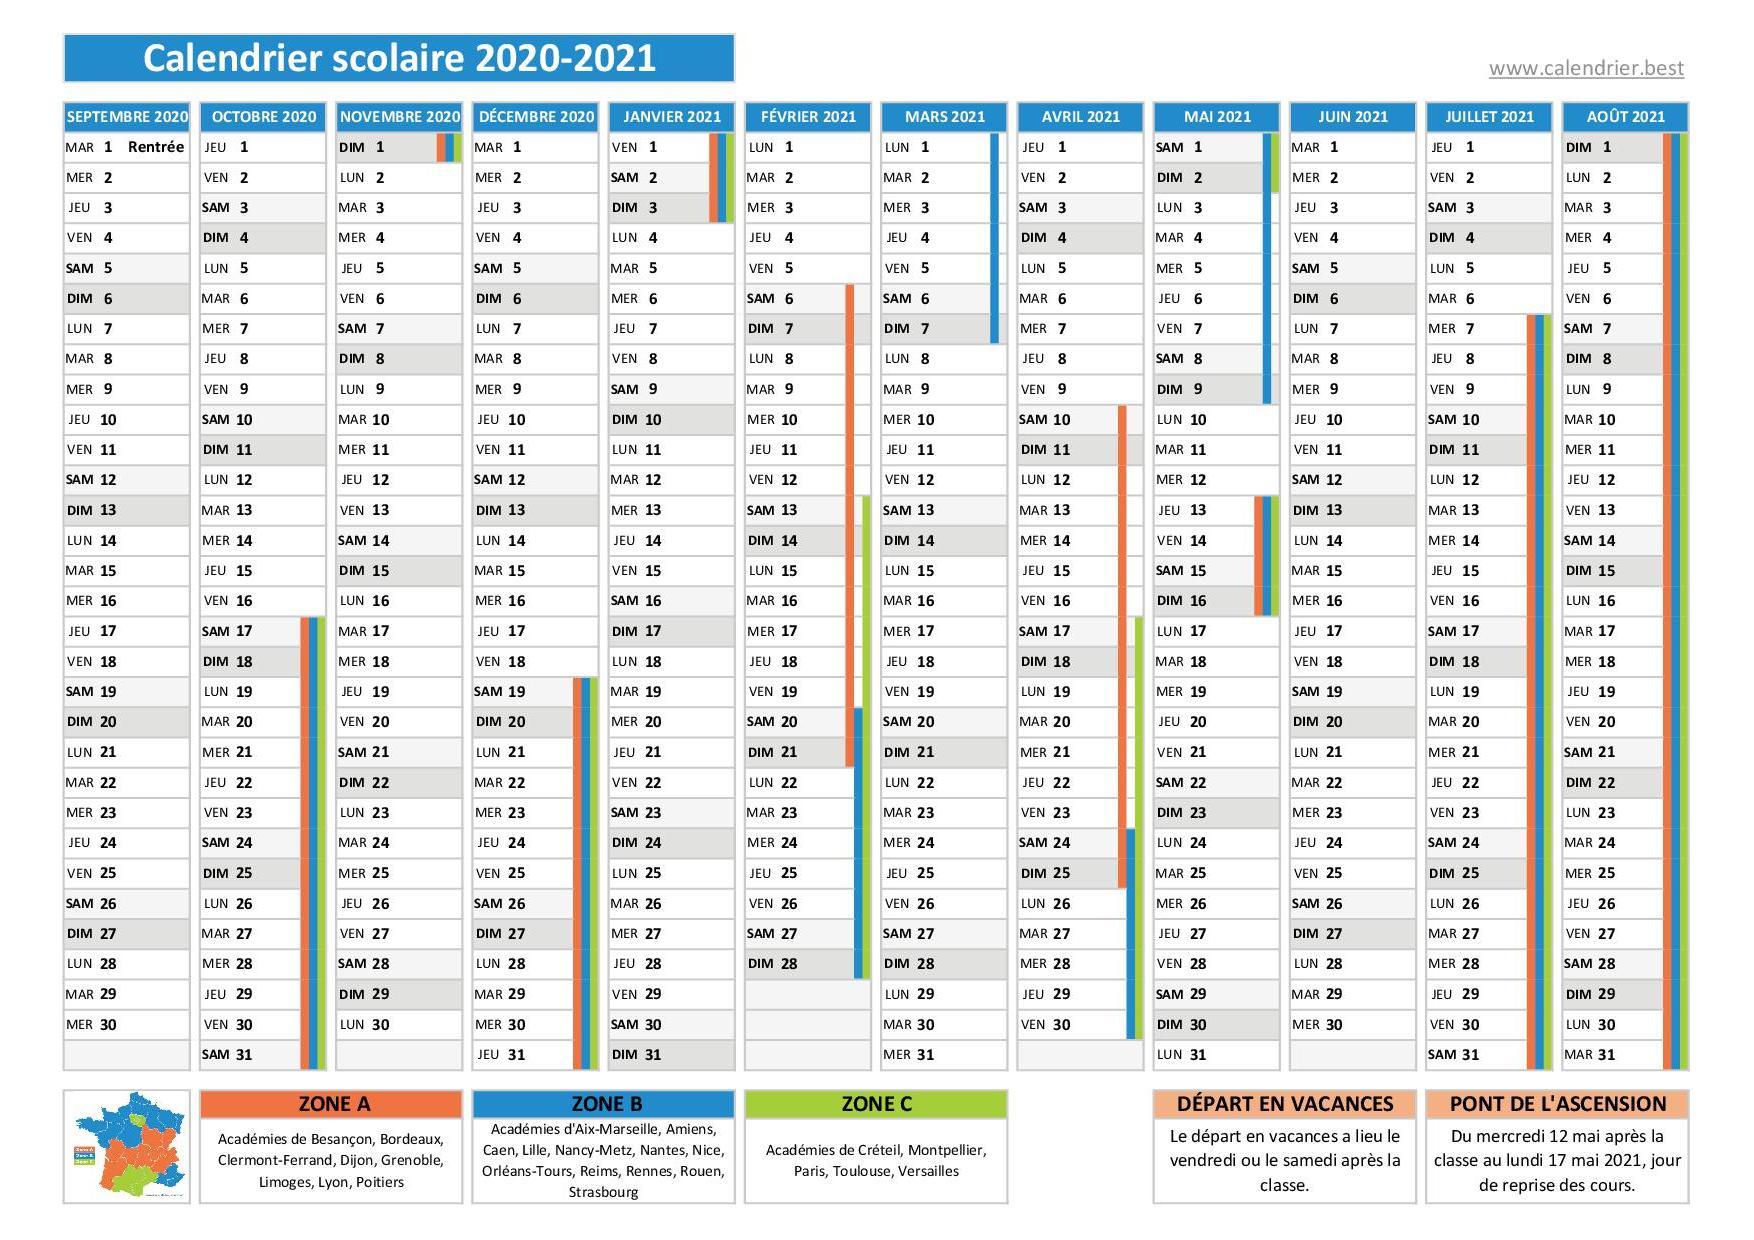 Calendrier.best : calendriers 2020 à imprimer gratuitement